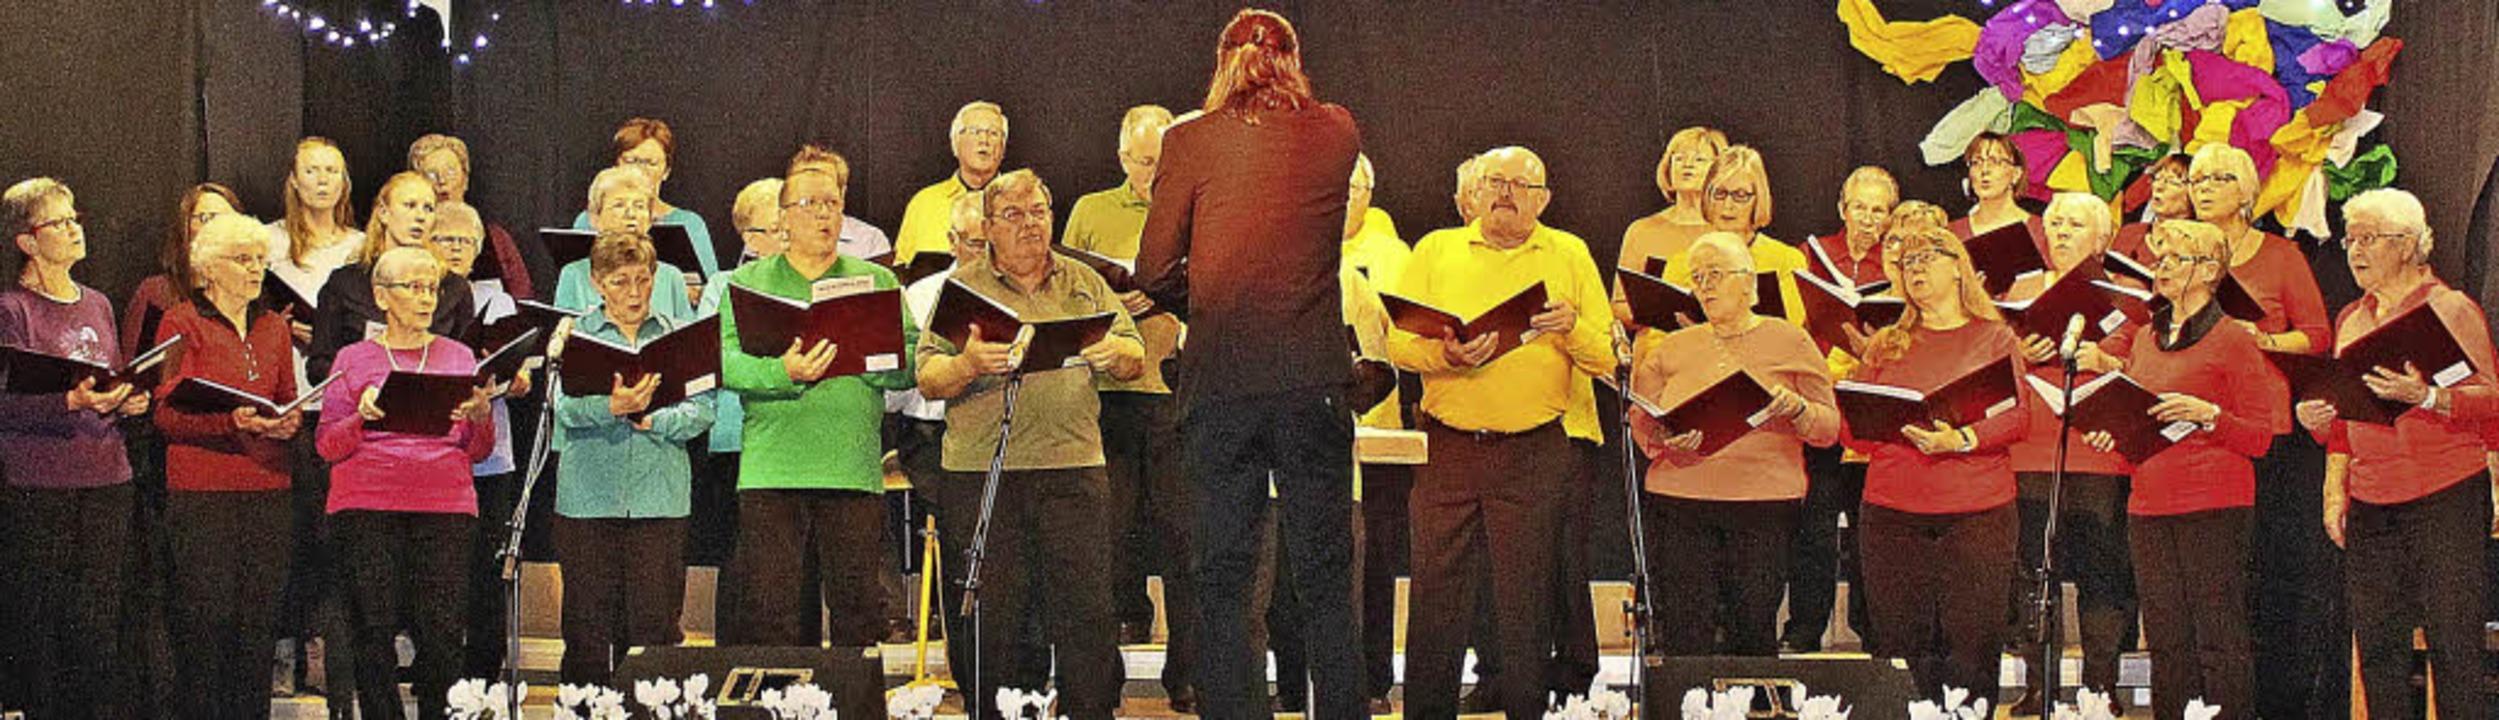 Auch optisch wusste der  gemischte Chor vollauf zu überzeugen.  | Foto: RHEIN